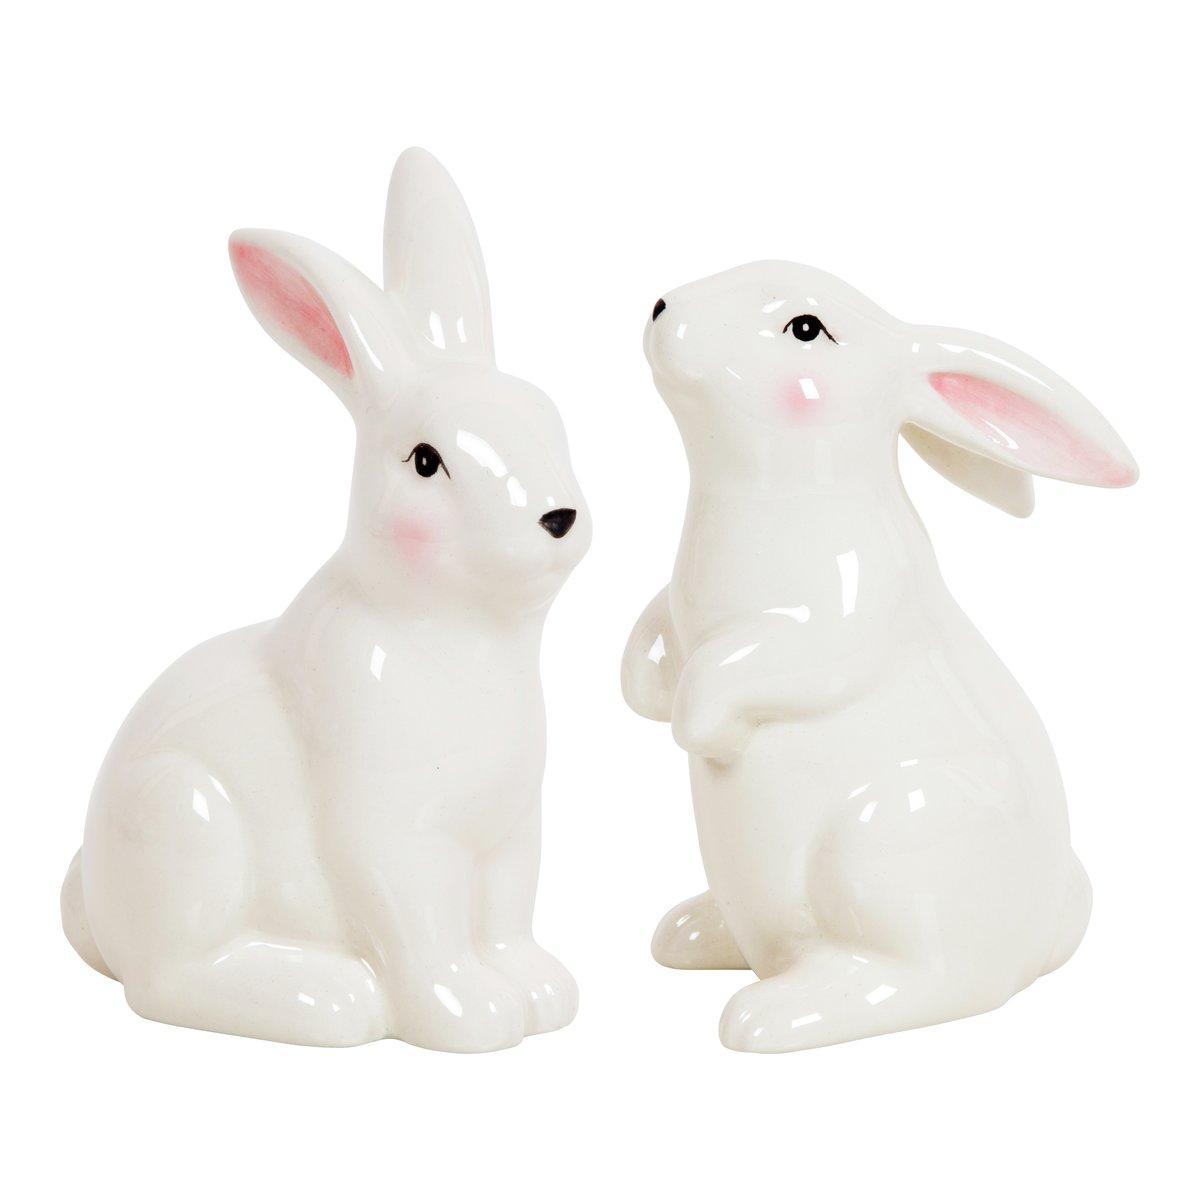 Glasert keramikk kanin-FIG078